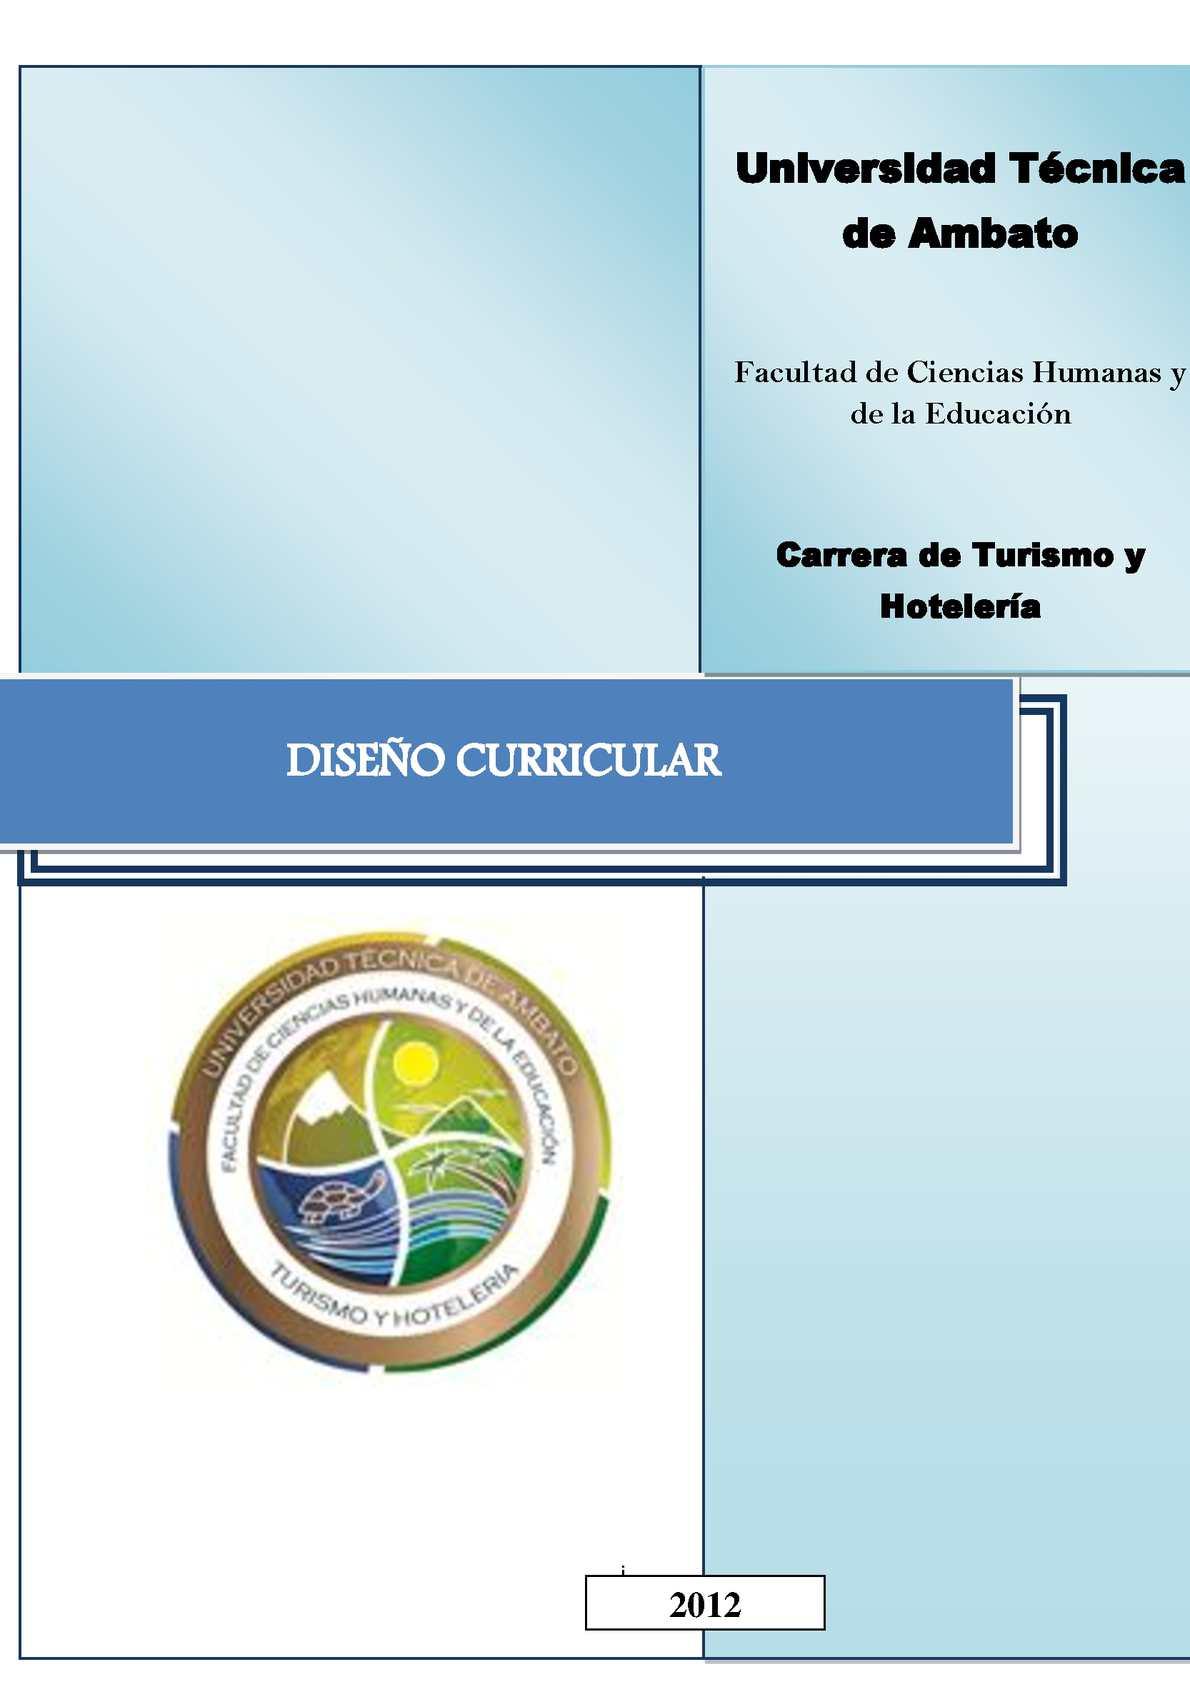 Calaméo - Diseño Curricular Th